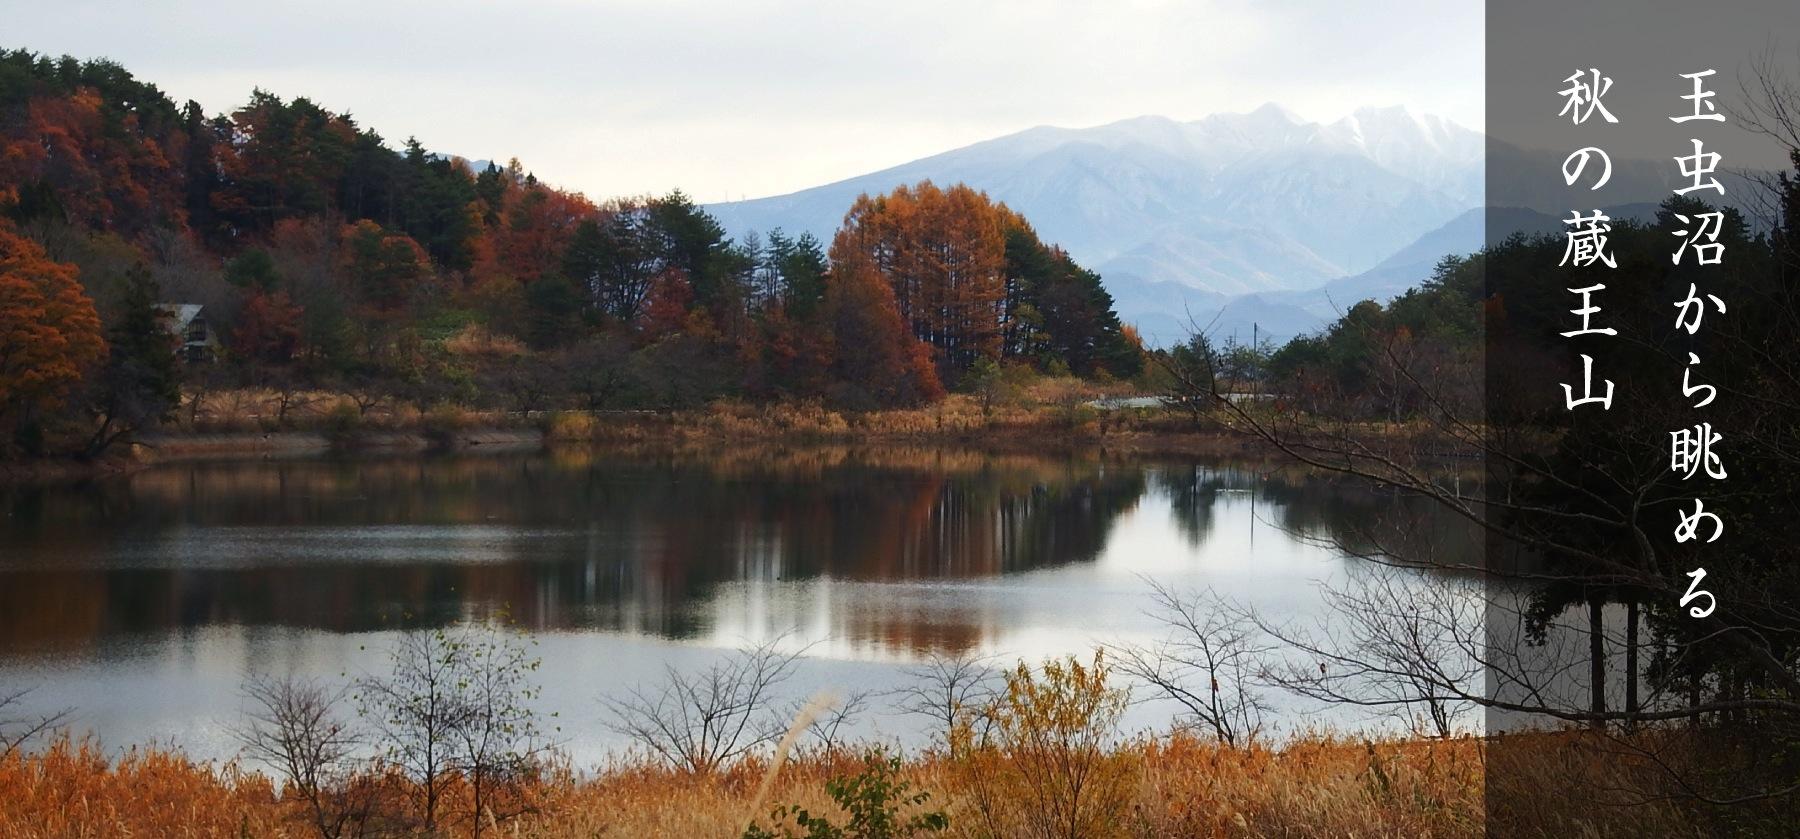 玉虫沼から眺める秋の蔵王山